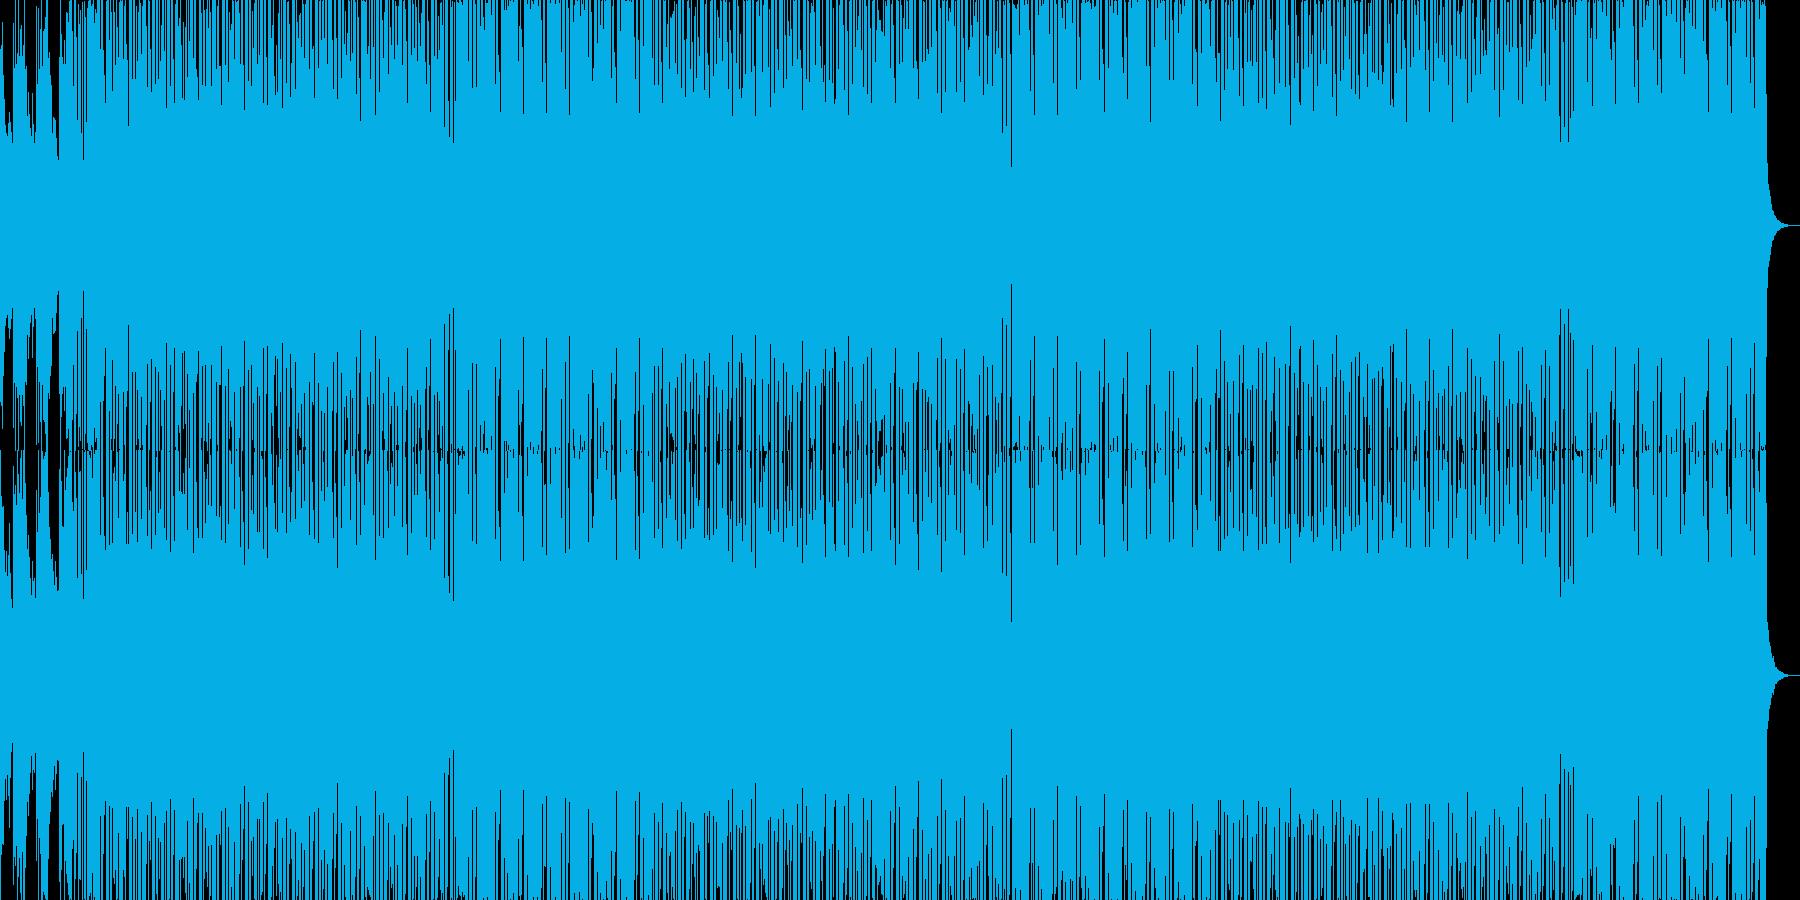 勢いのある攻撃的なHIPHOPの再生済みの波形